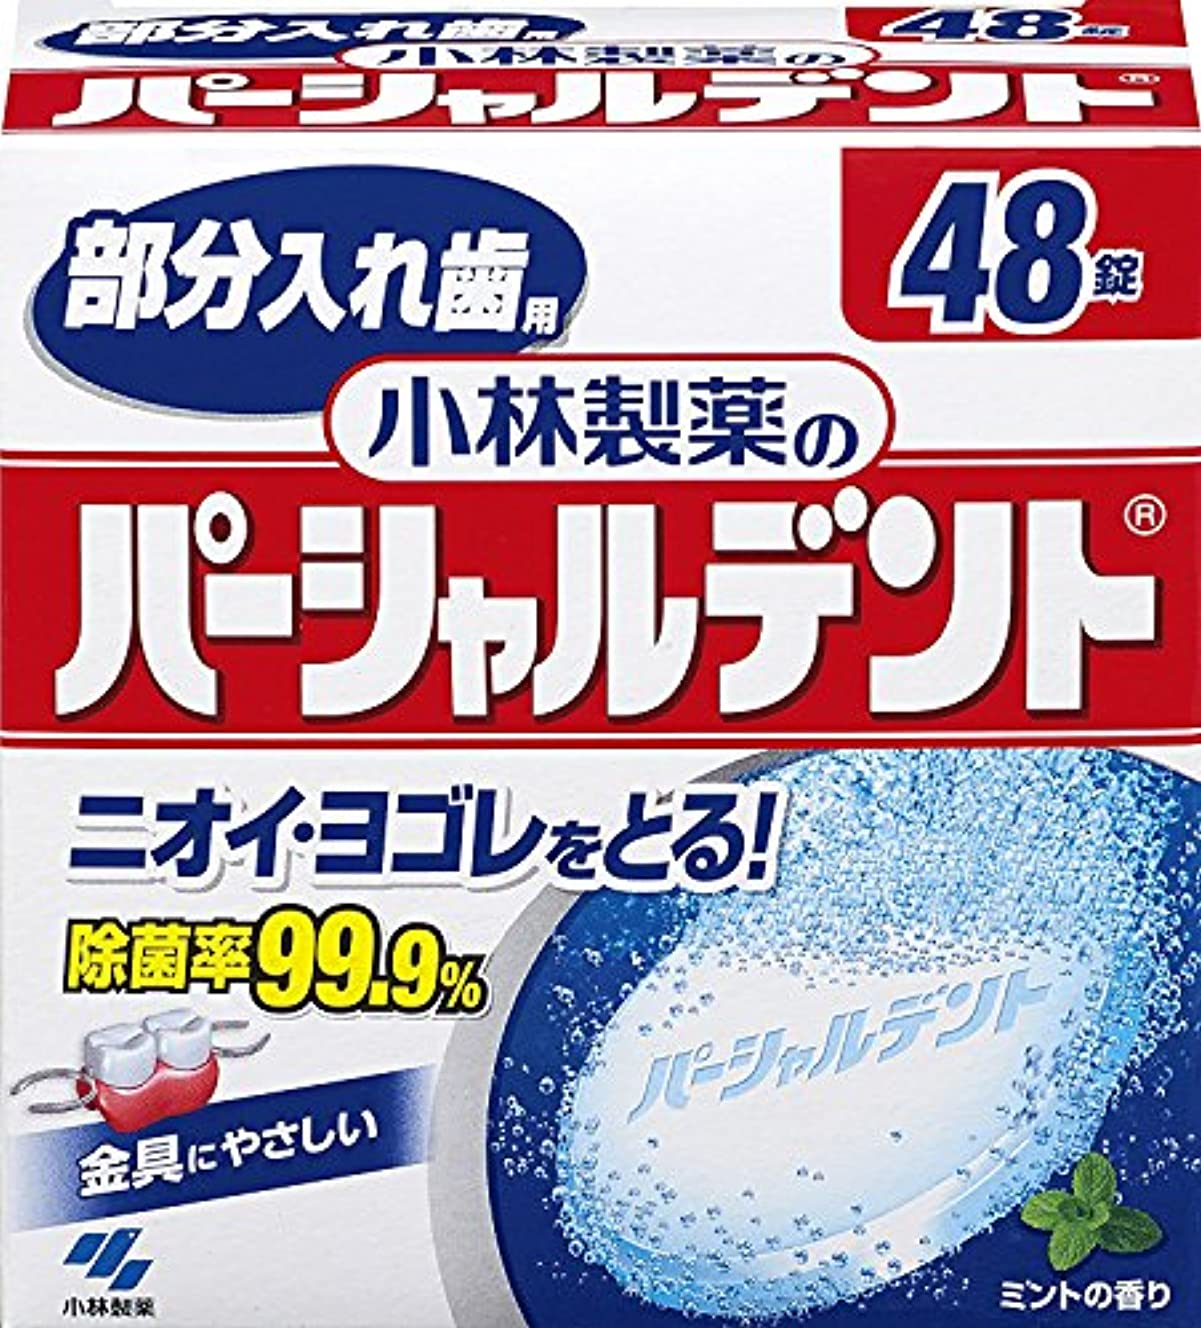 村電気陽性超えて小林製薬のパーシャルデント 部分入れ歯用 洗浄剤 ミントの香 48錠